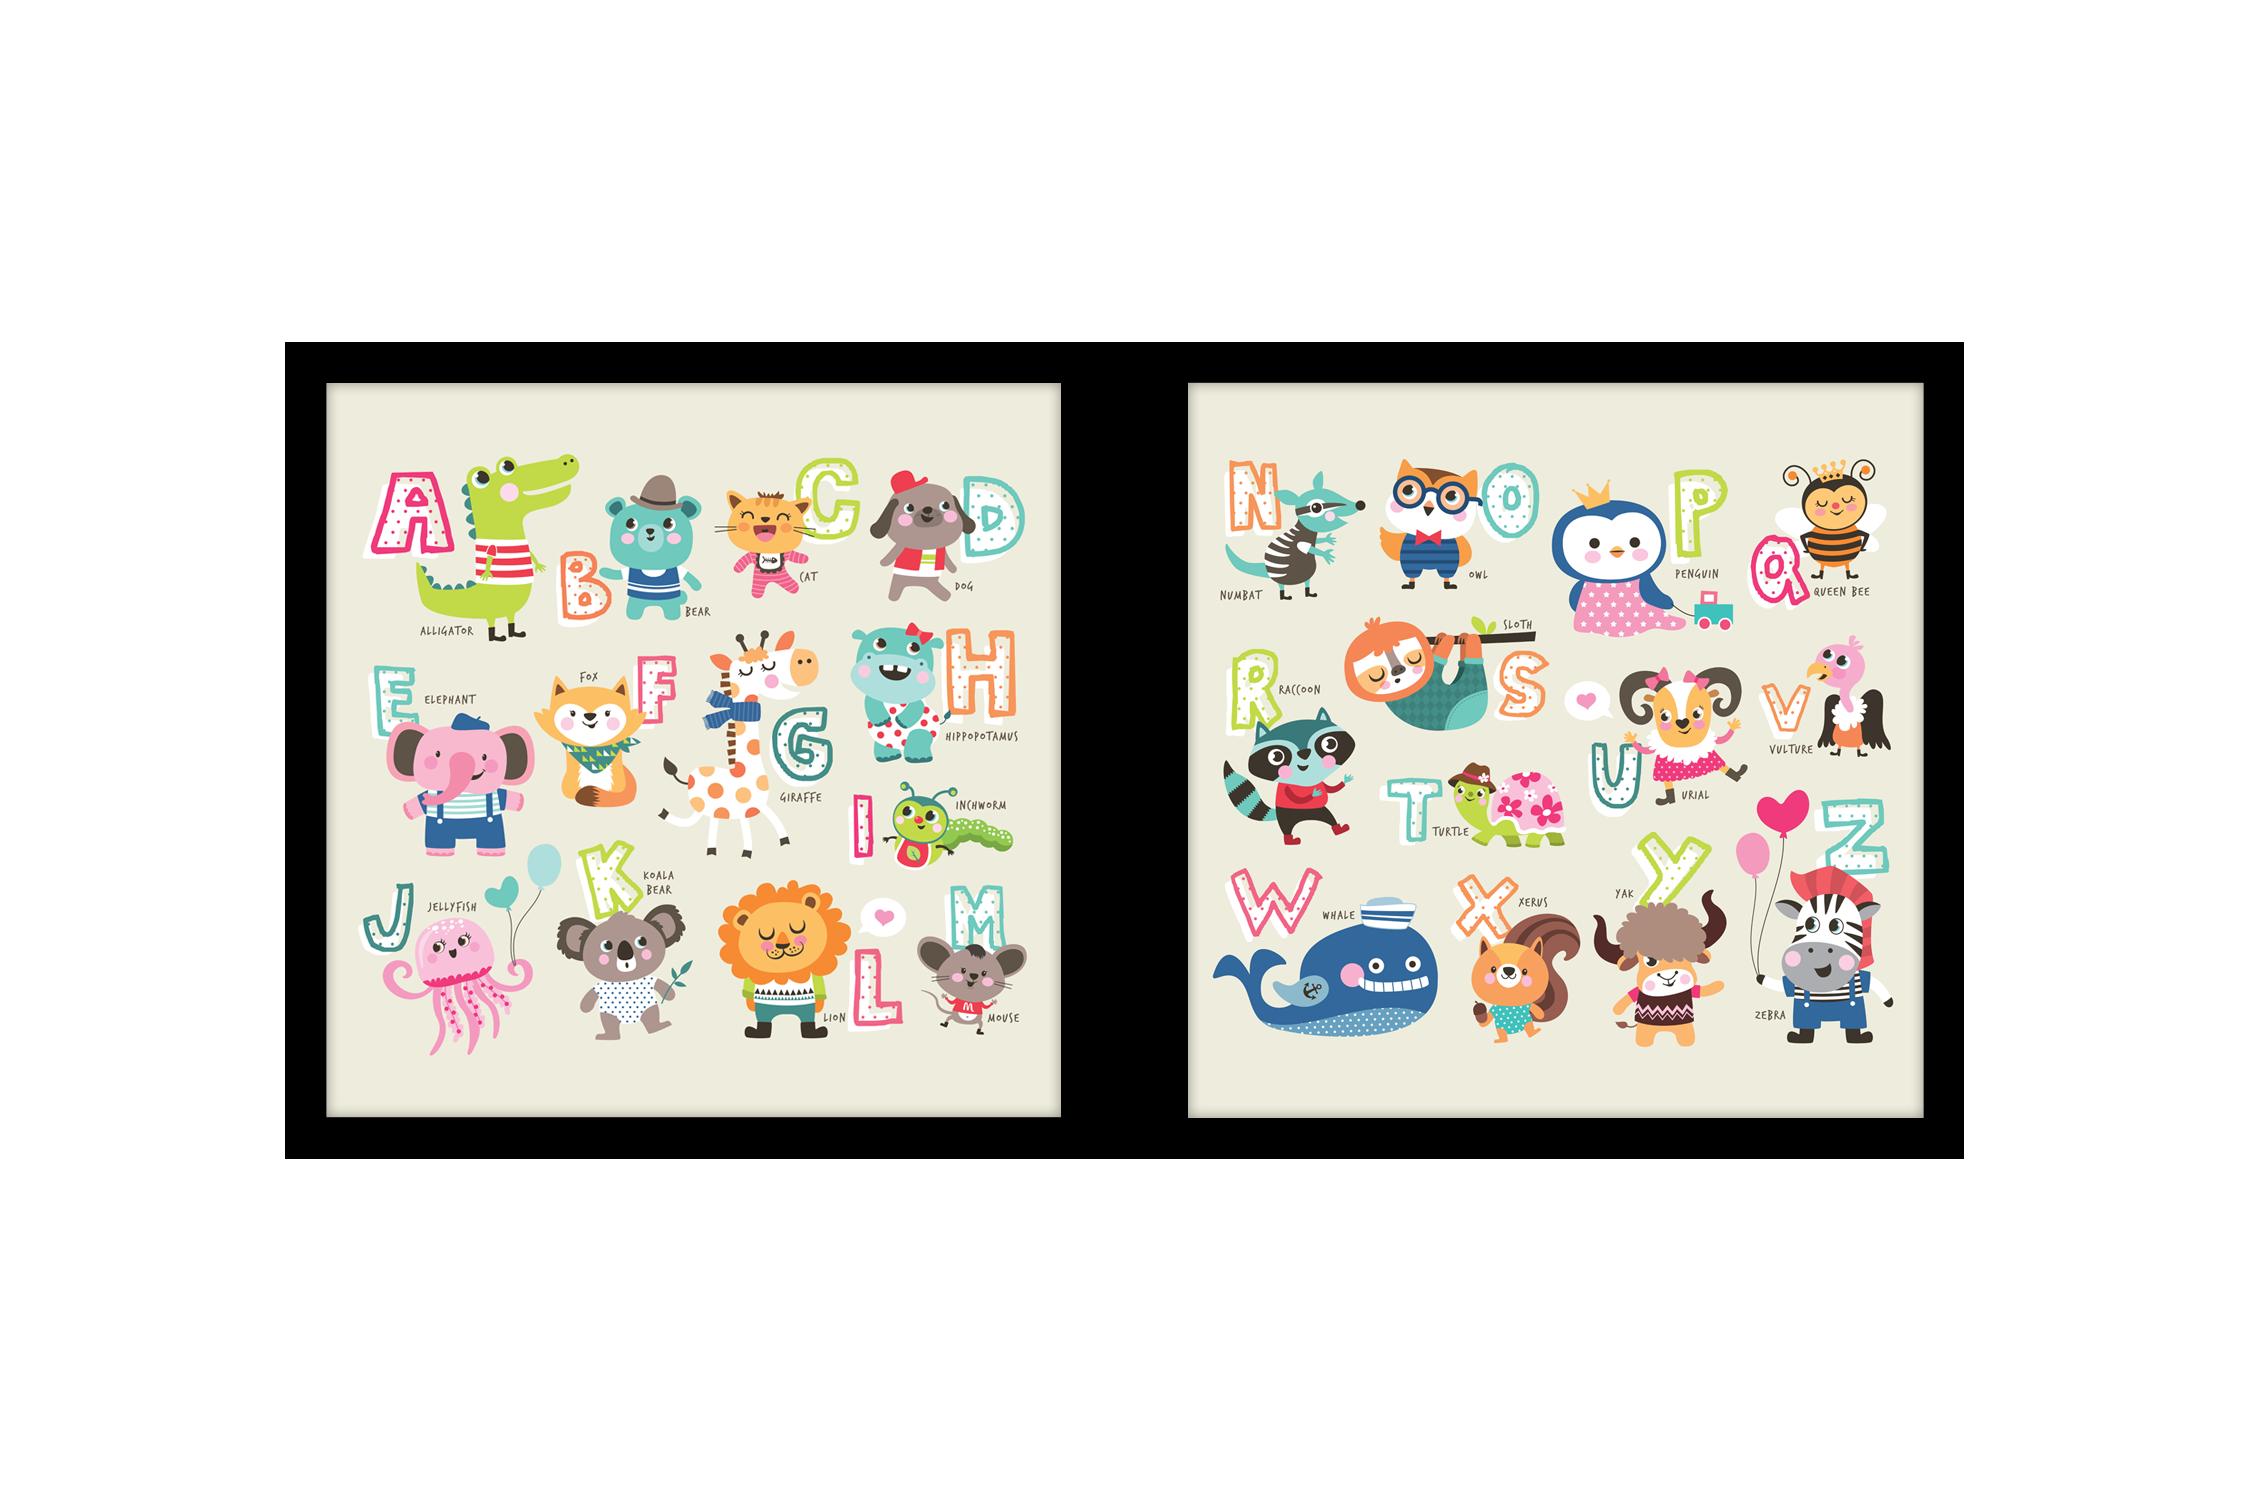 Tranh trang trí phòng trẻ em Alphabet Animal No1